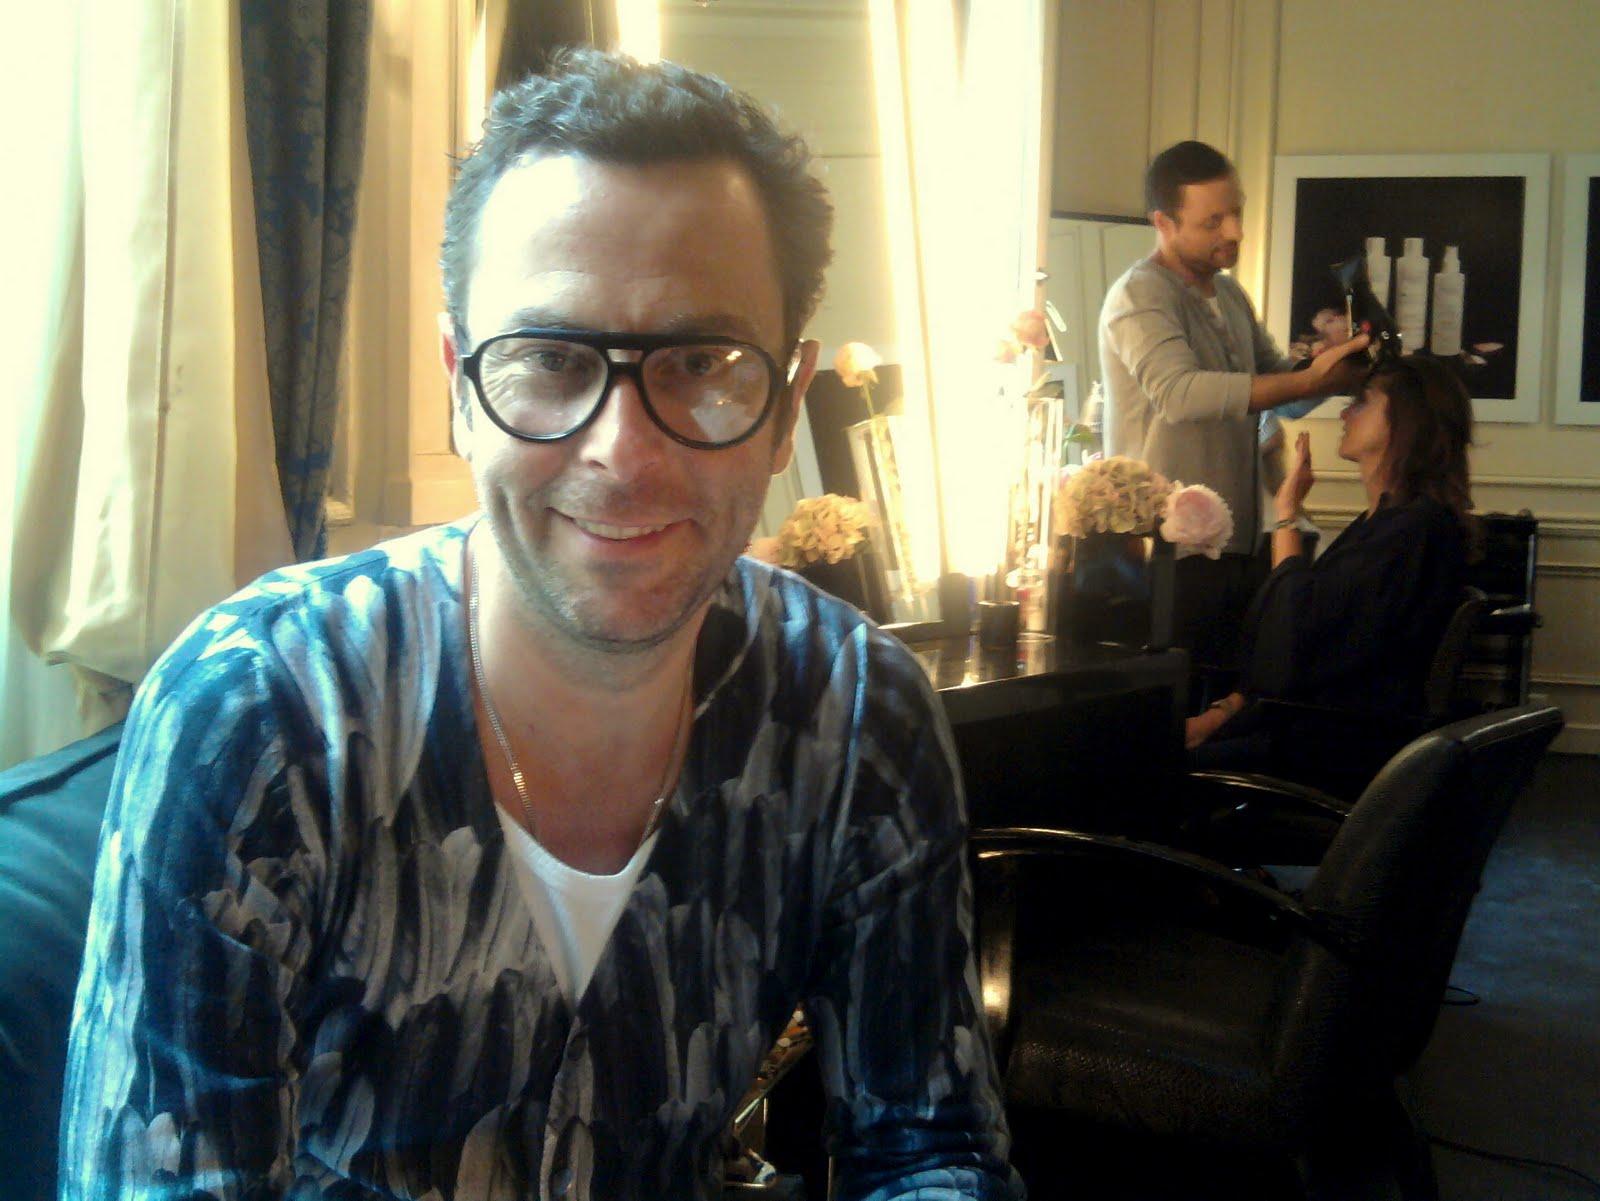 D maquillages blog beaut l 39 effet papillon - Salon christophe robin ...